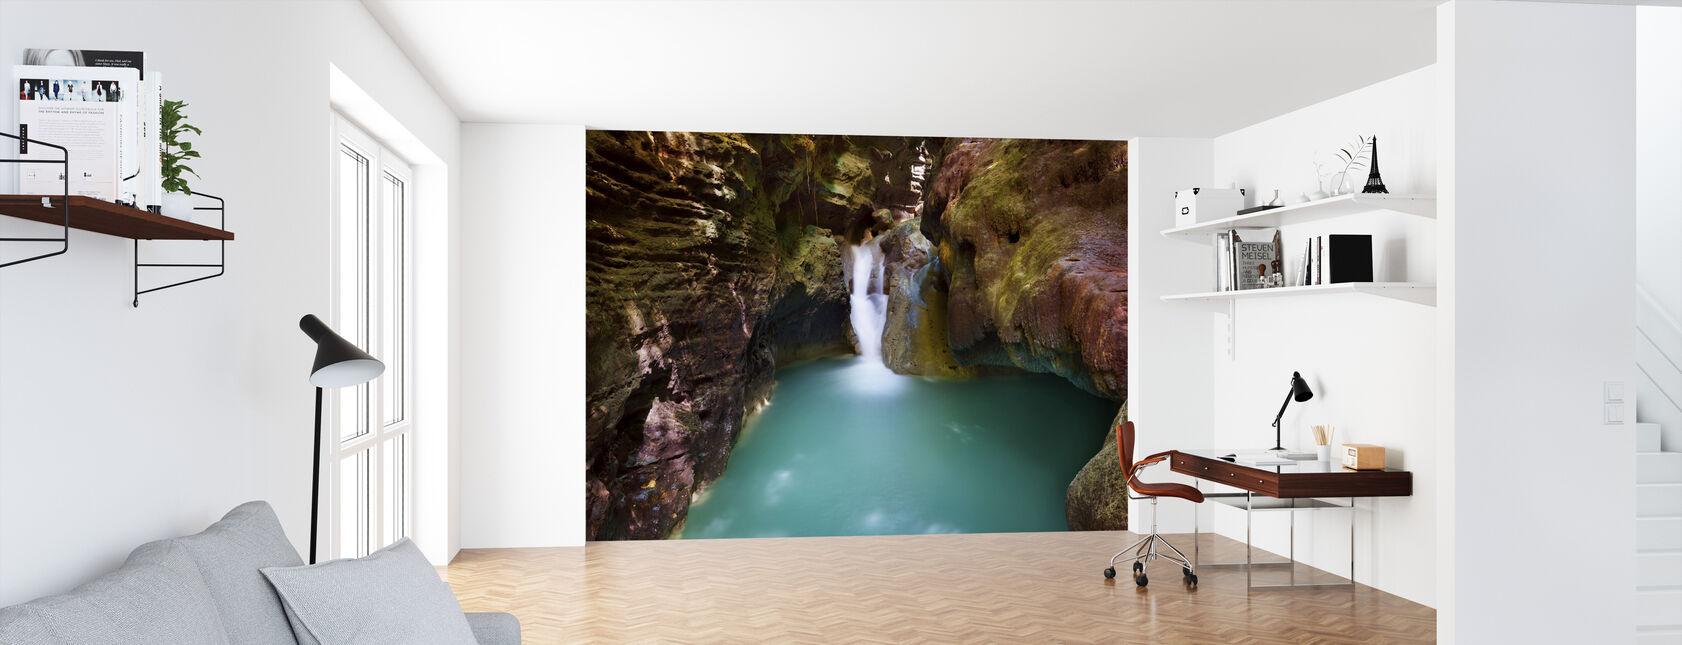 Canyon at Kawasan Falls III - Wallpaper - Office